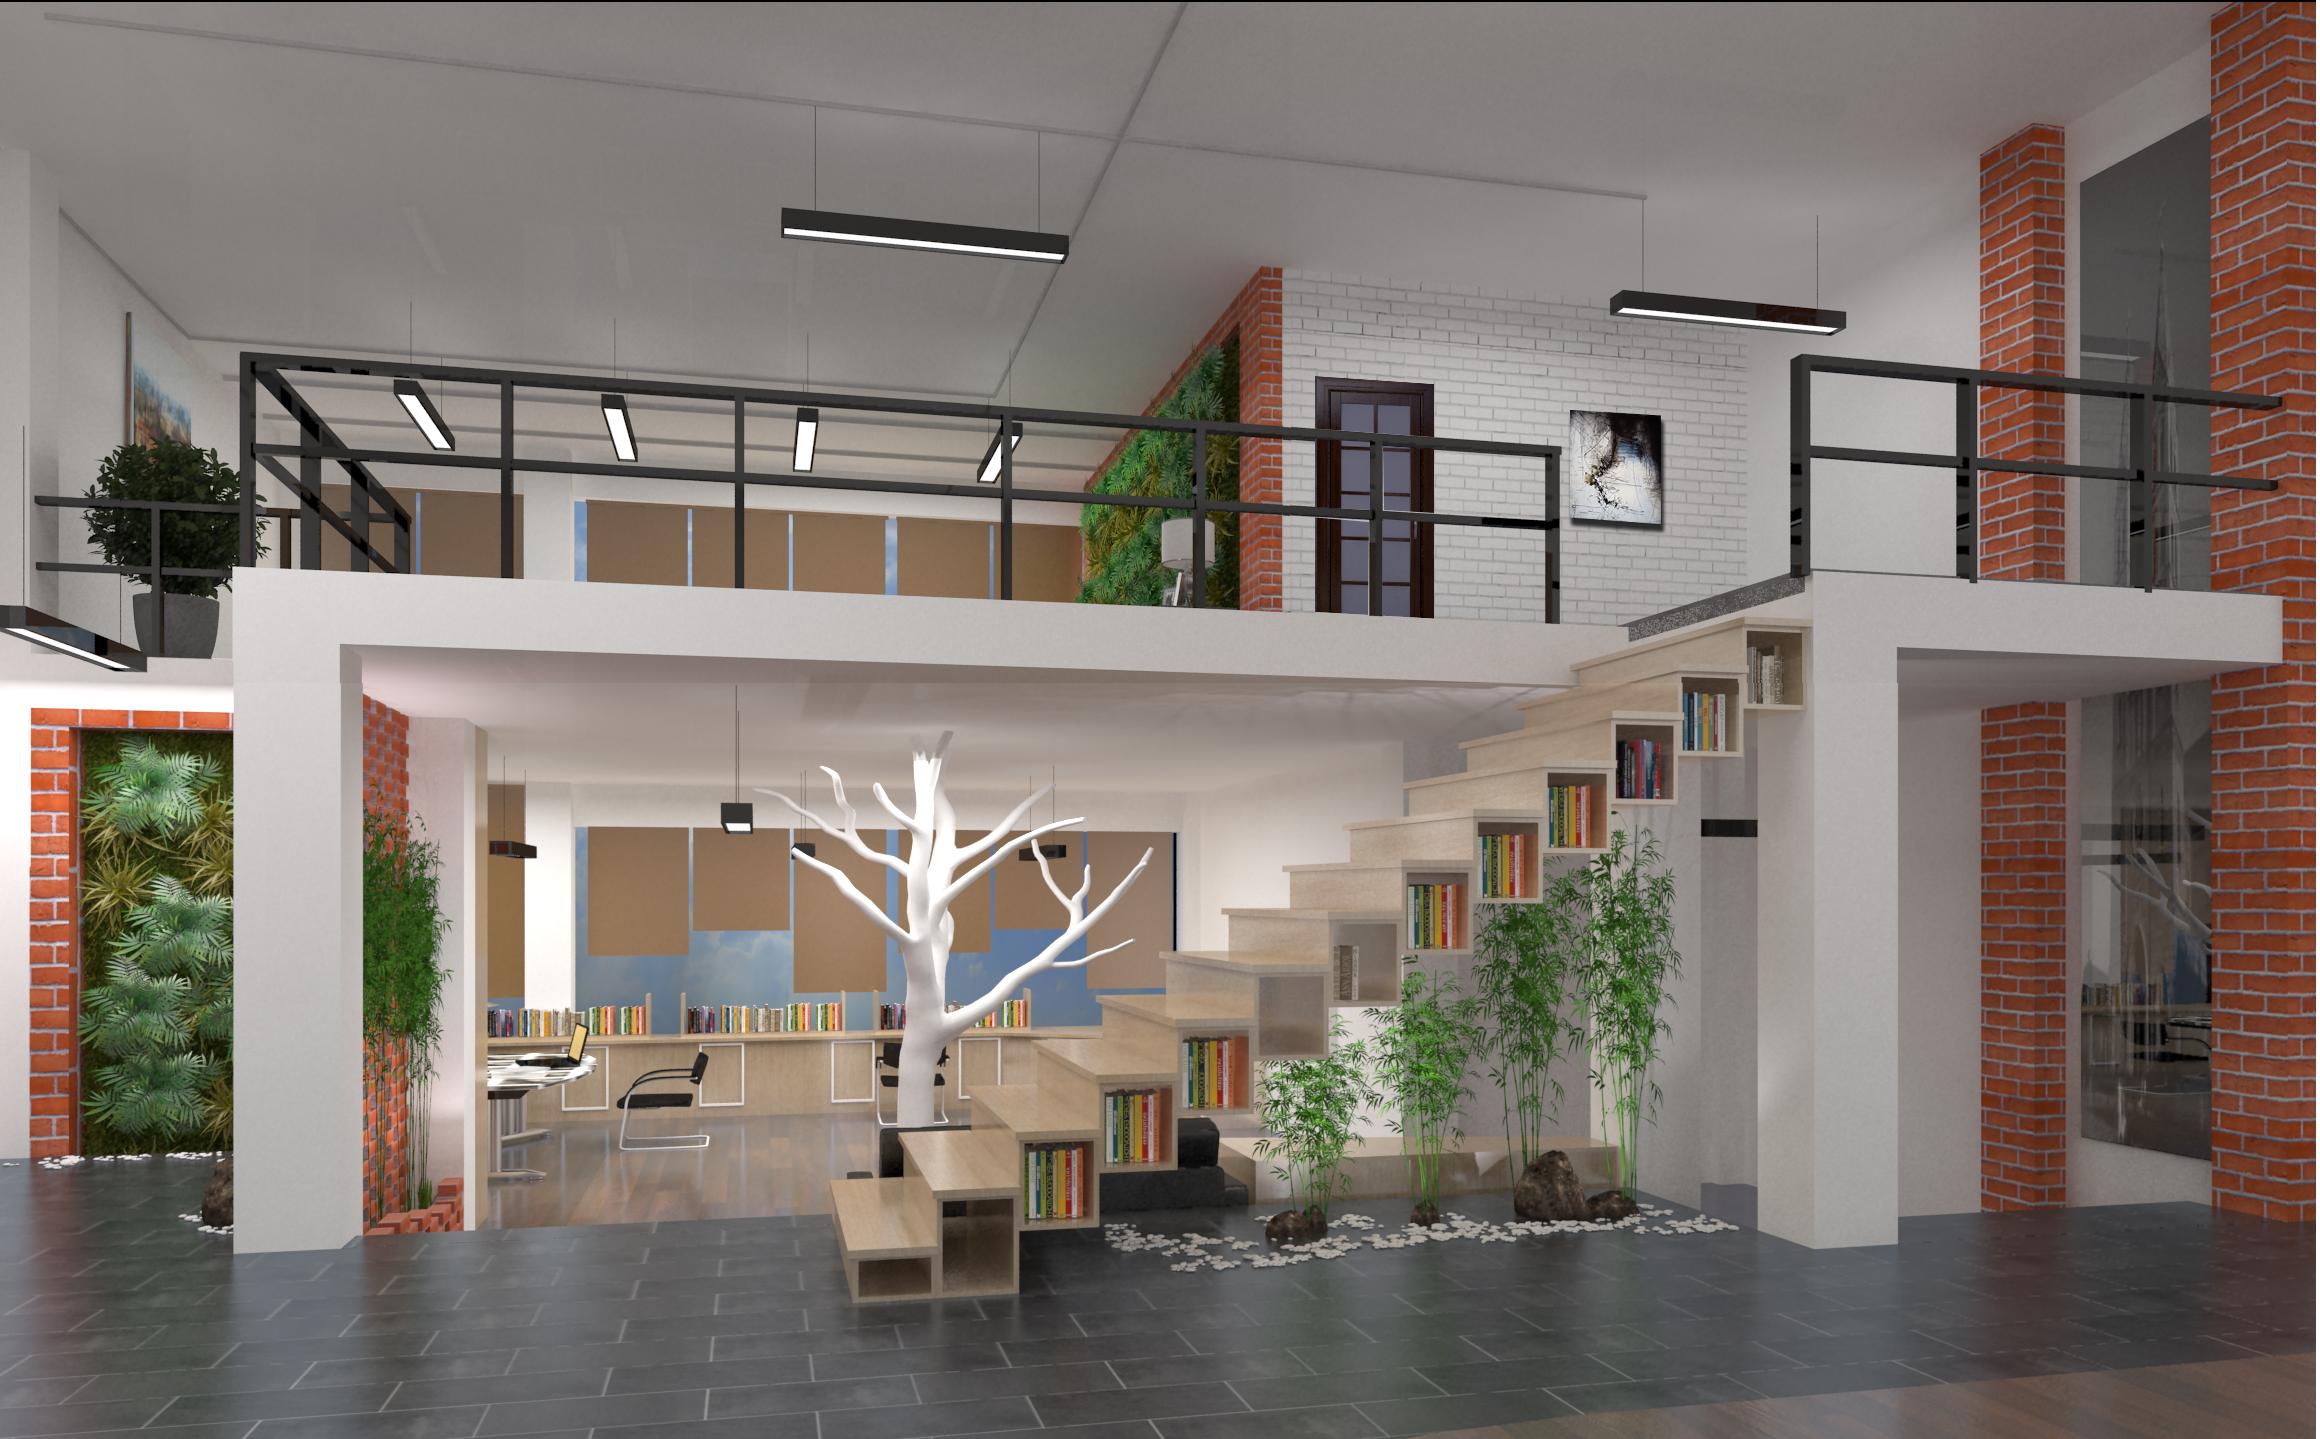 甜品店设计咖啡厅设计港式漫咖啡.效果图设计.室内设计